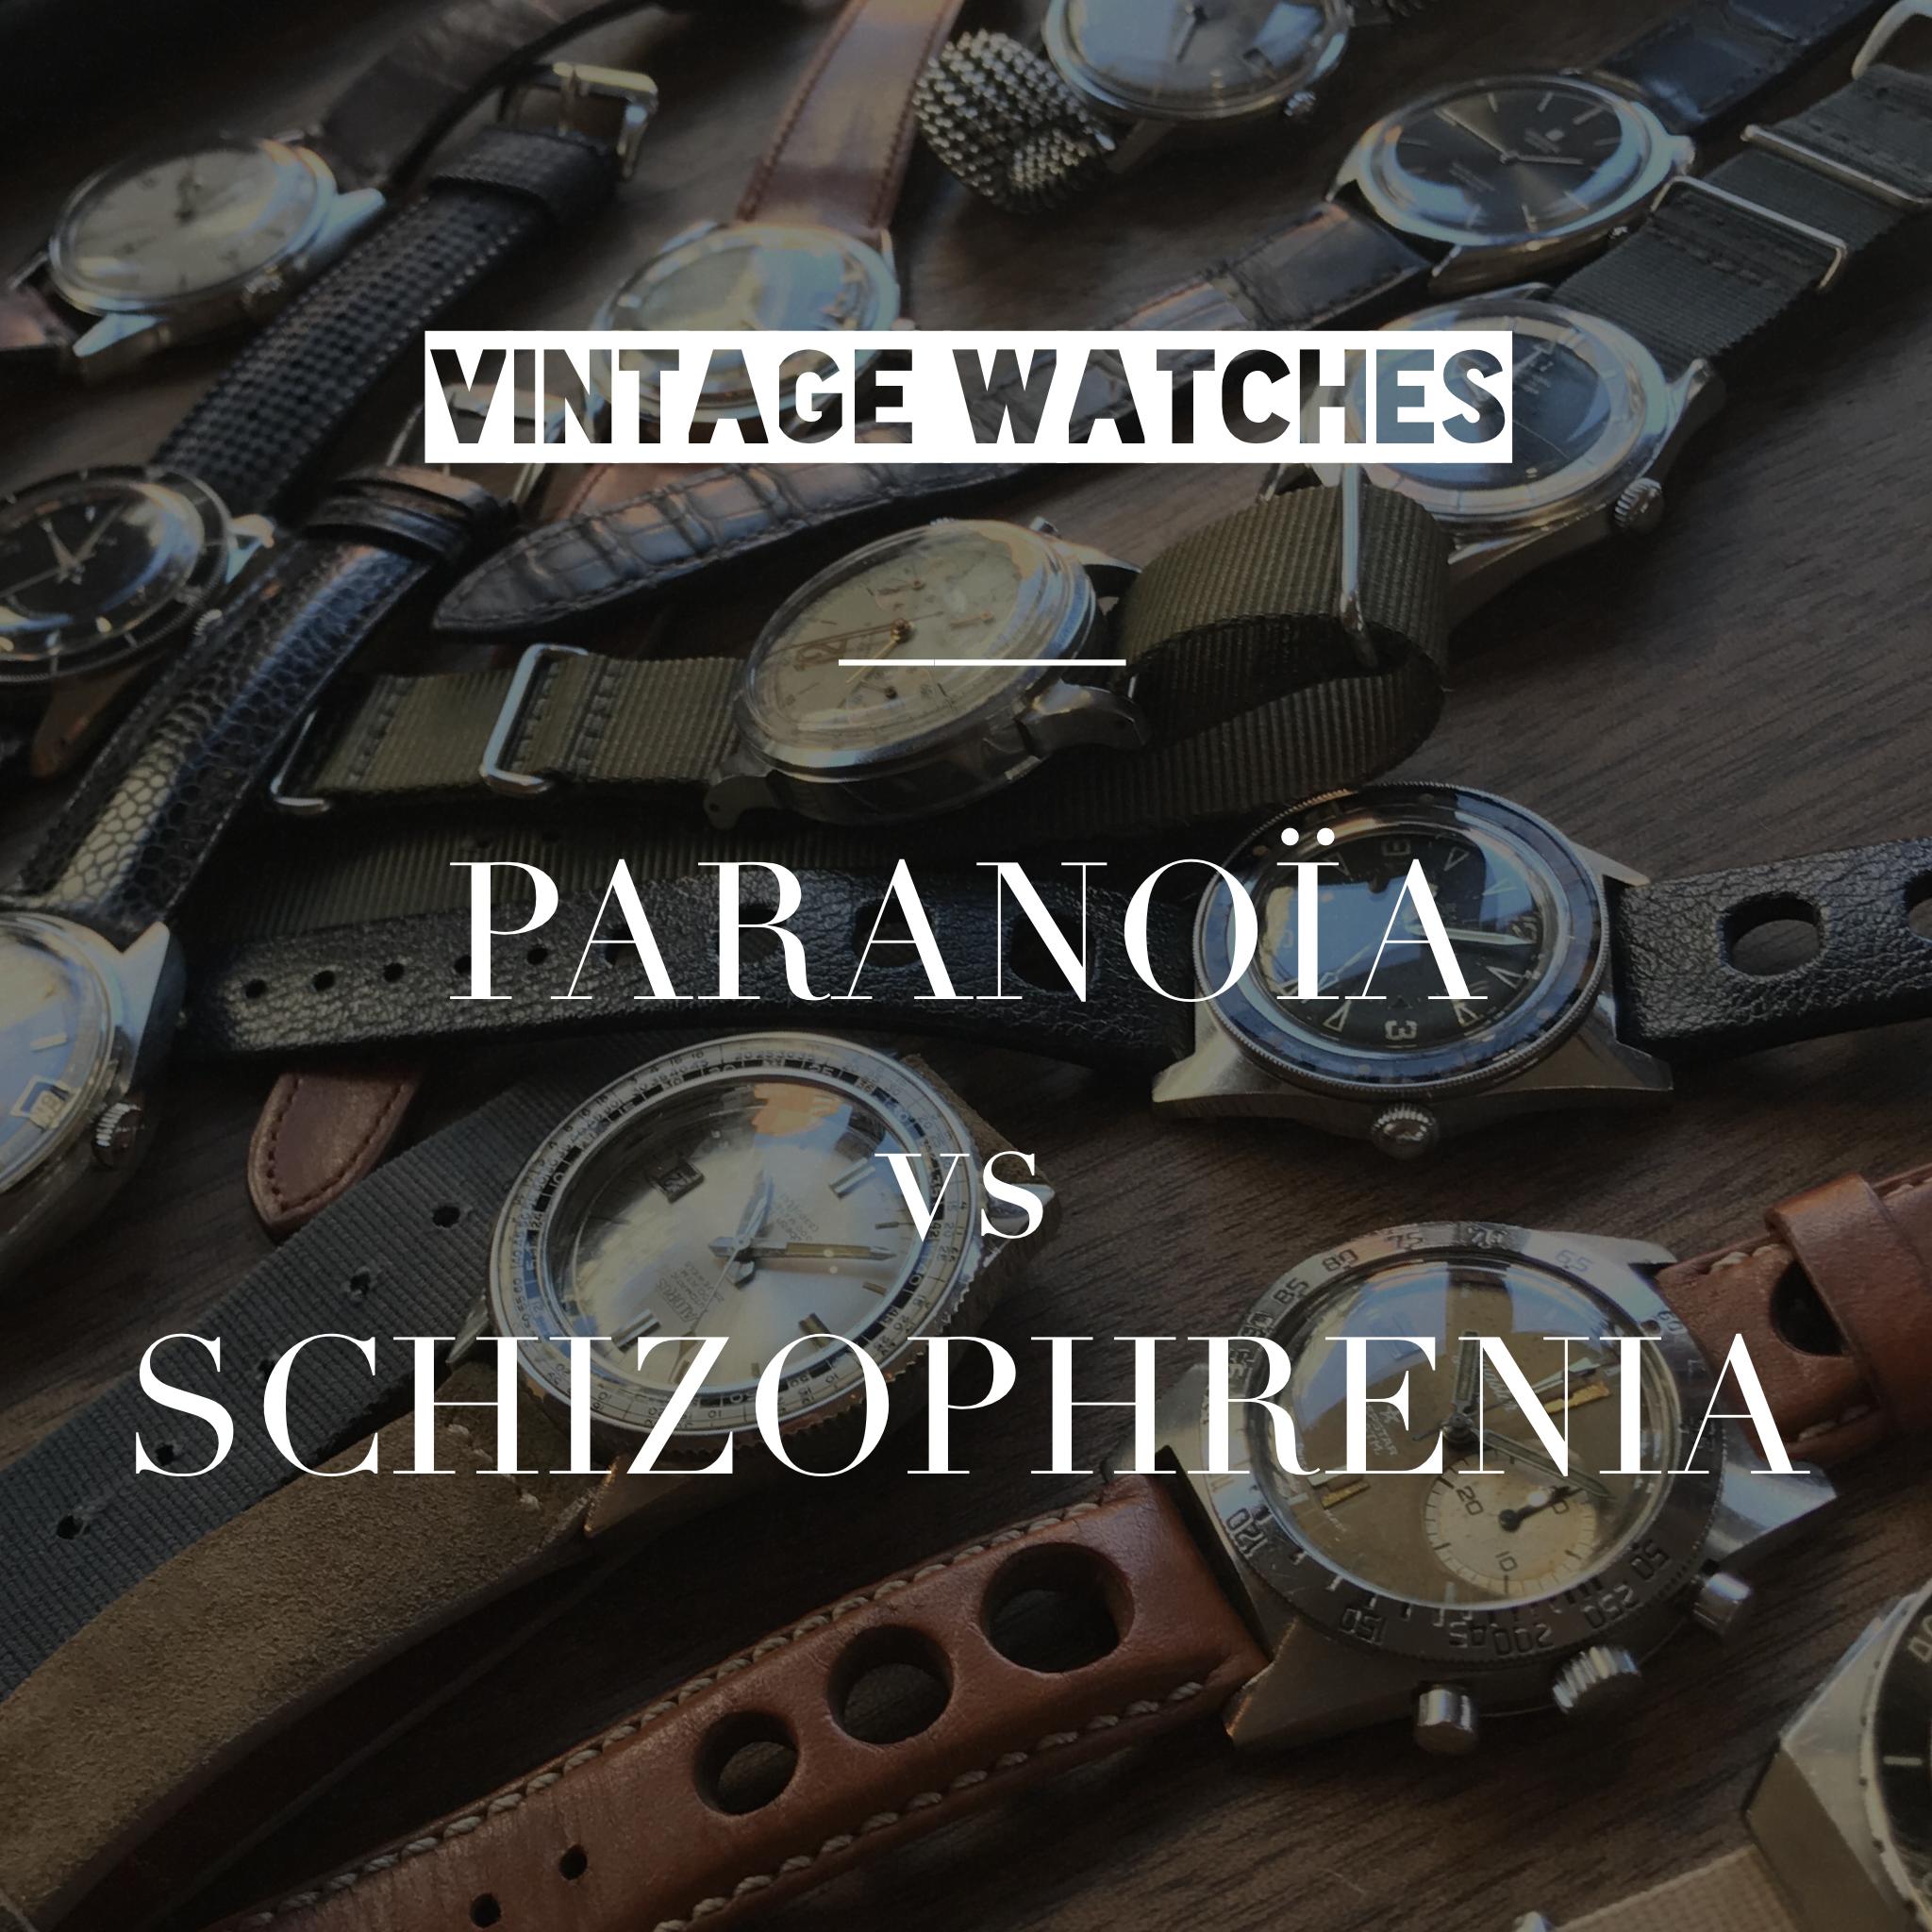 Tendances du marché : paranoïa contre schizophrénie